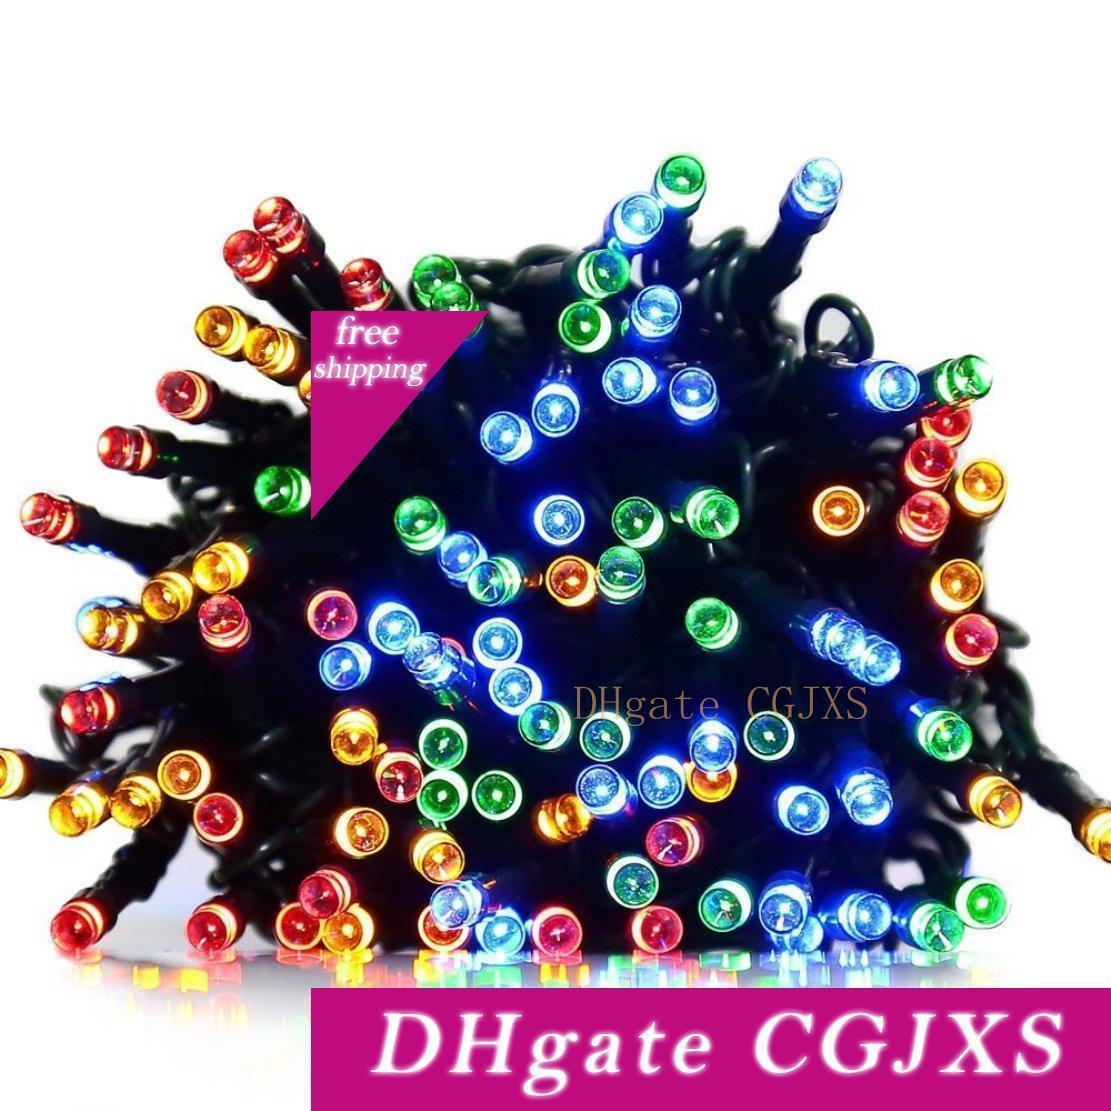 Pil Led Işıklar Çok Renkli 8 Modlar 200 Led Su geçirmez Dize Işık Noel Bahçe Düğün Dekorasyon İşletilen